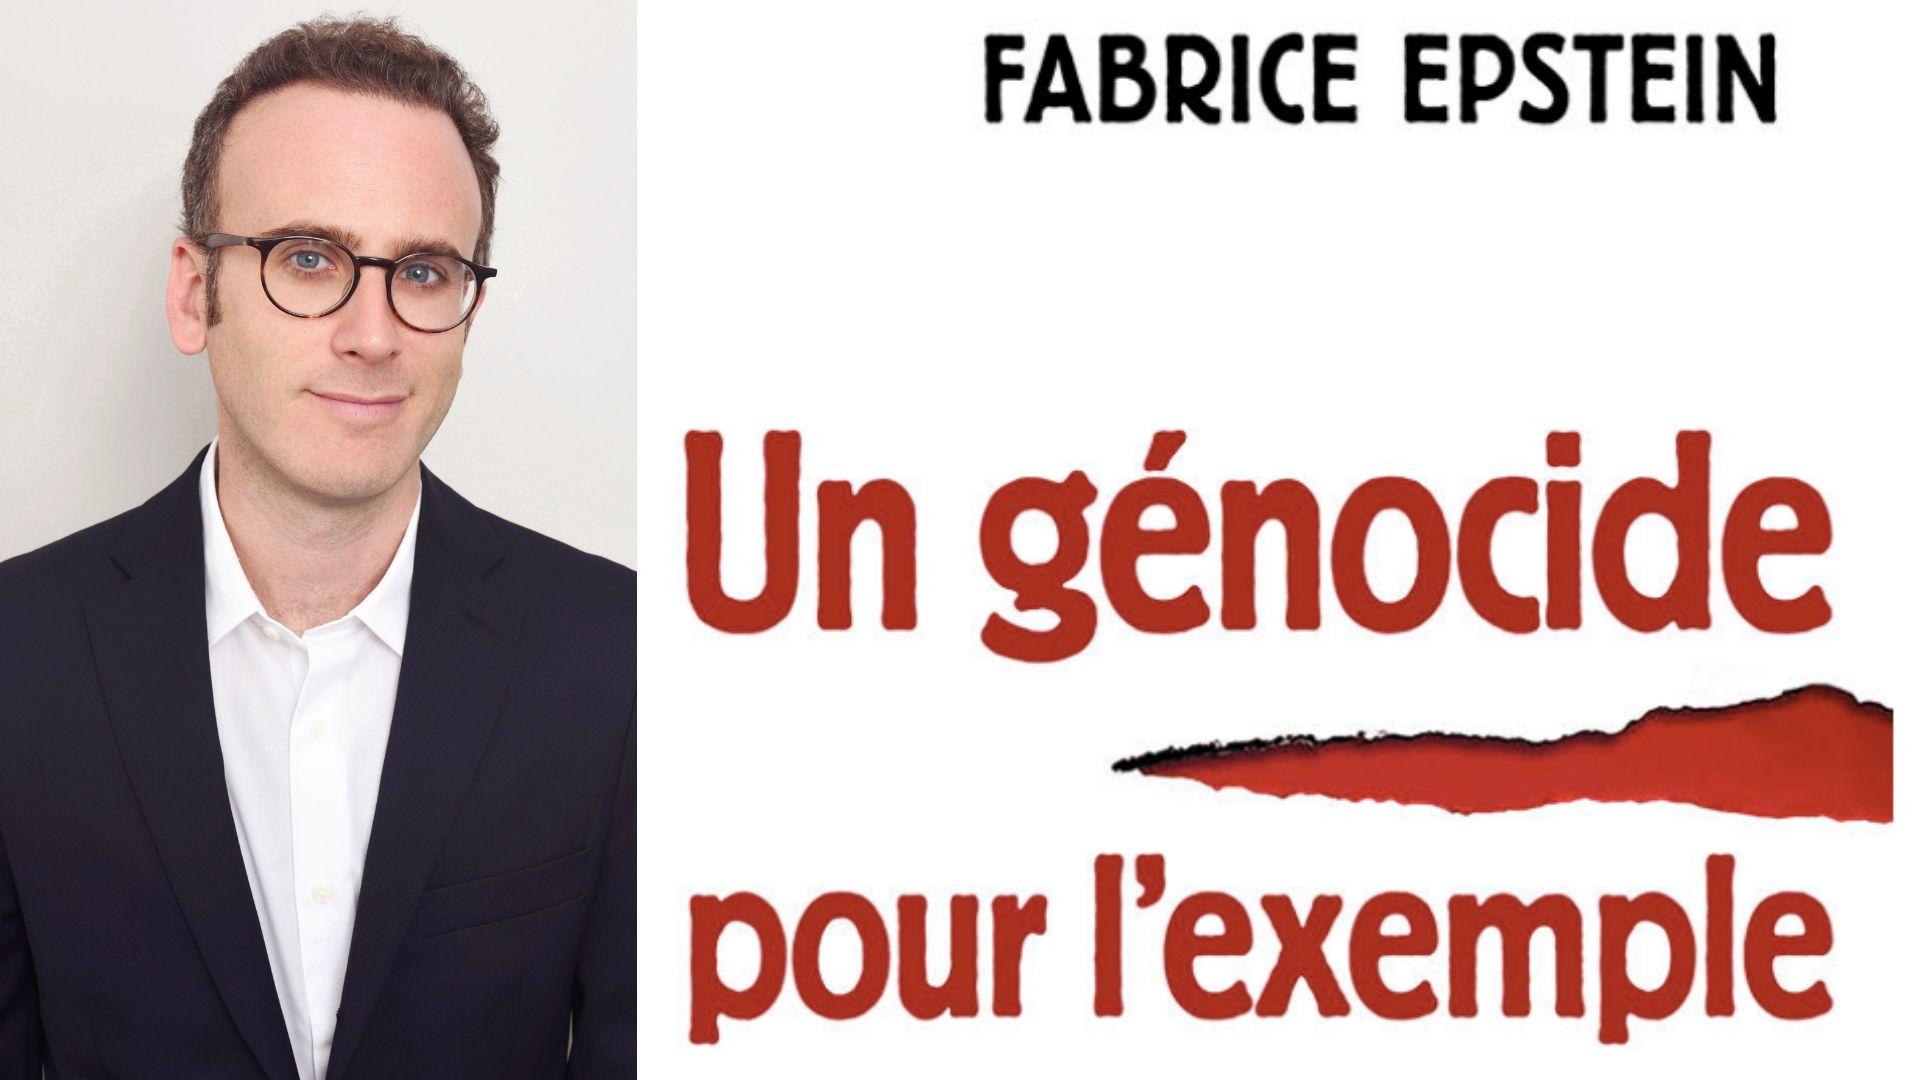 « Un génocide pour exemple » – une conversation avec Fabrice Epstein, l'auteur du livre